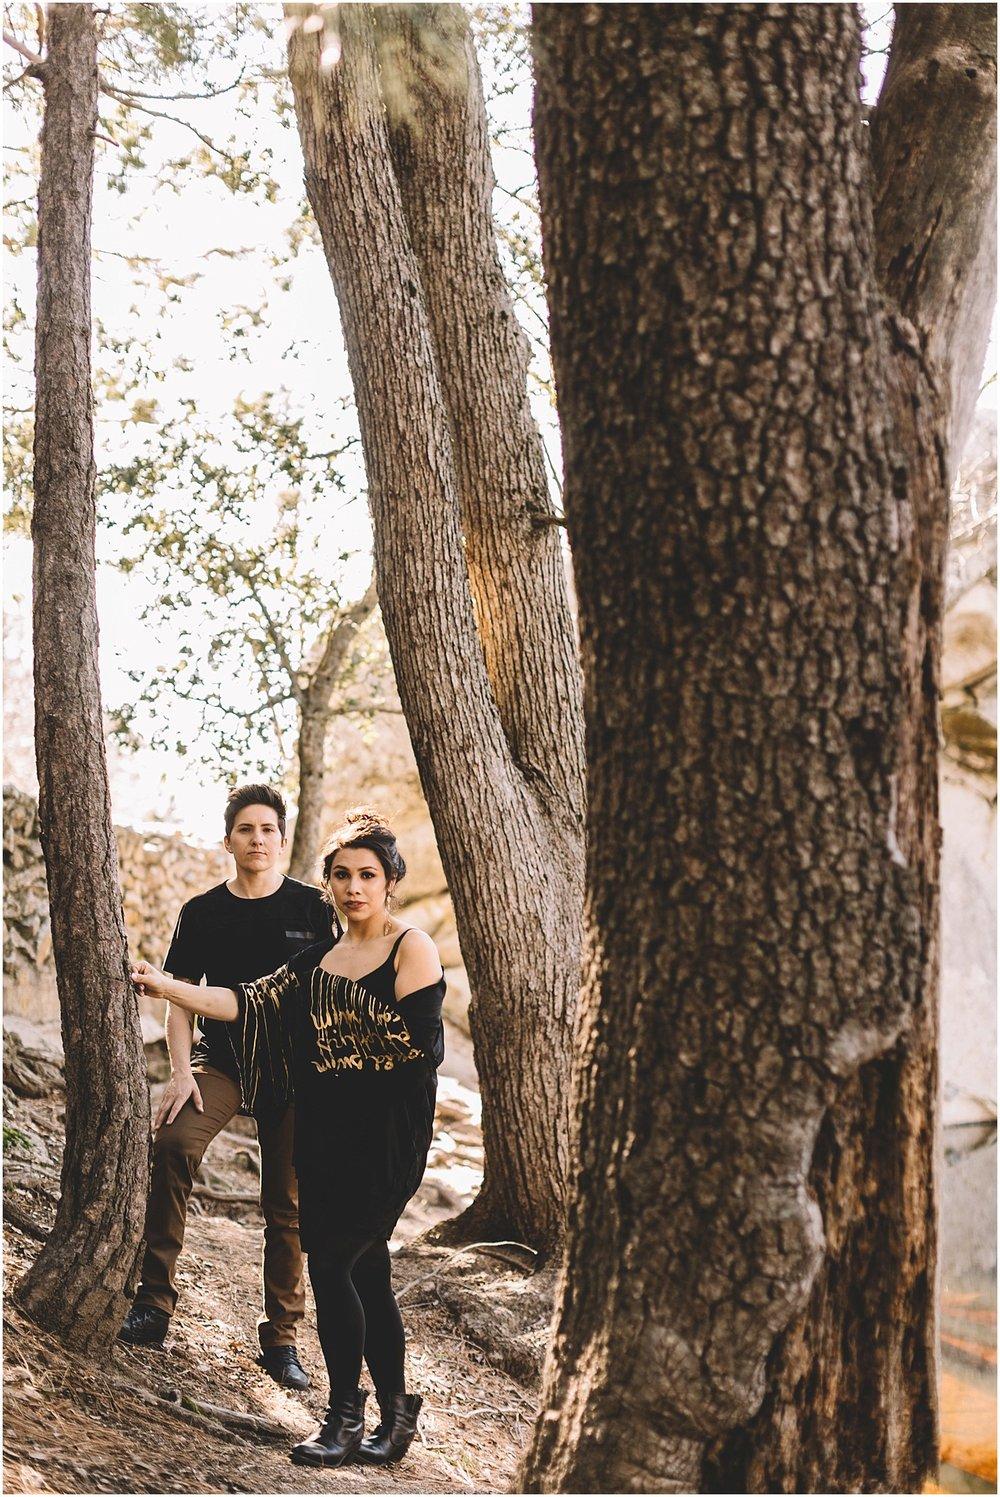 Brooke+Michelle_stevecowellphoto_0008.jpg